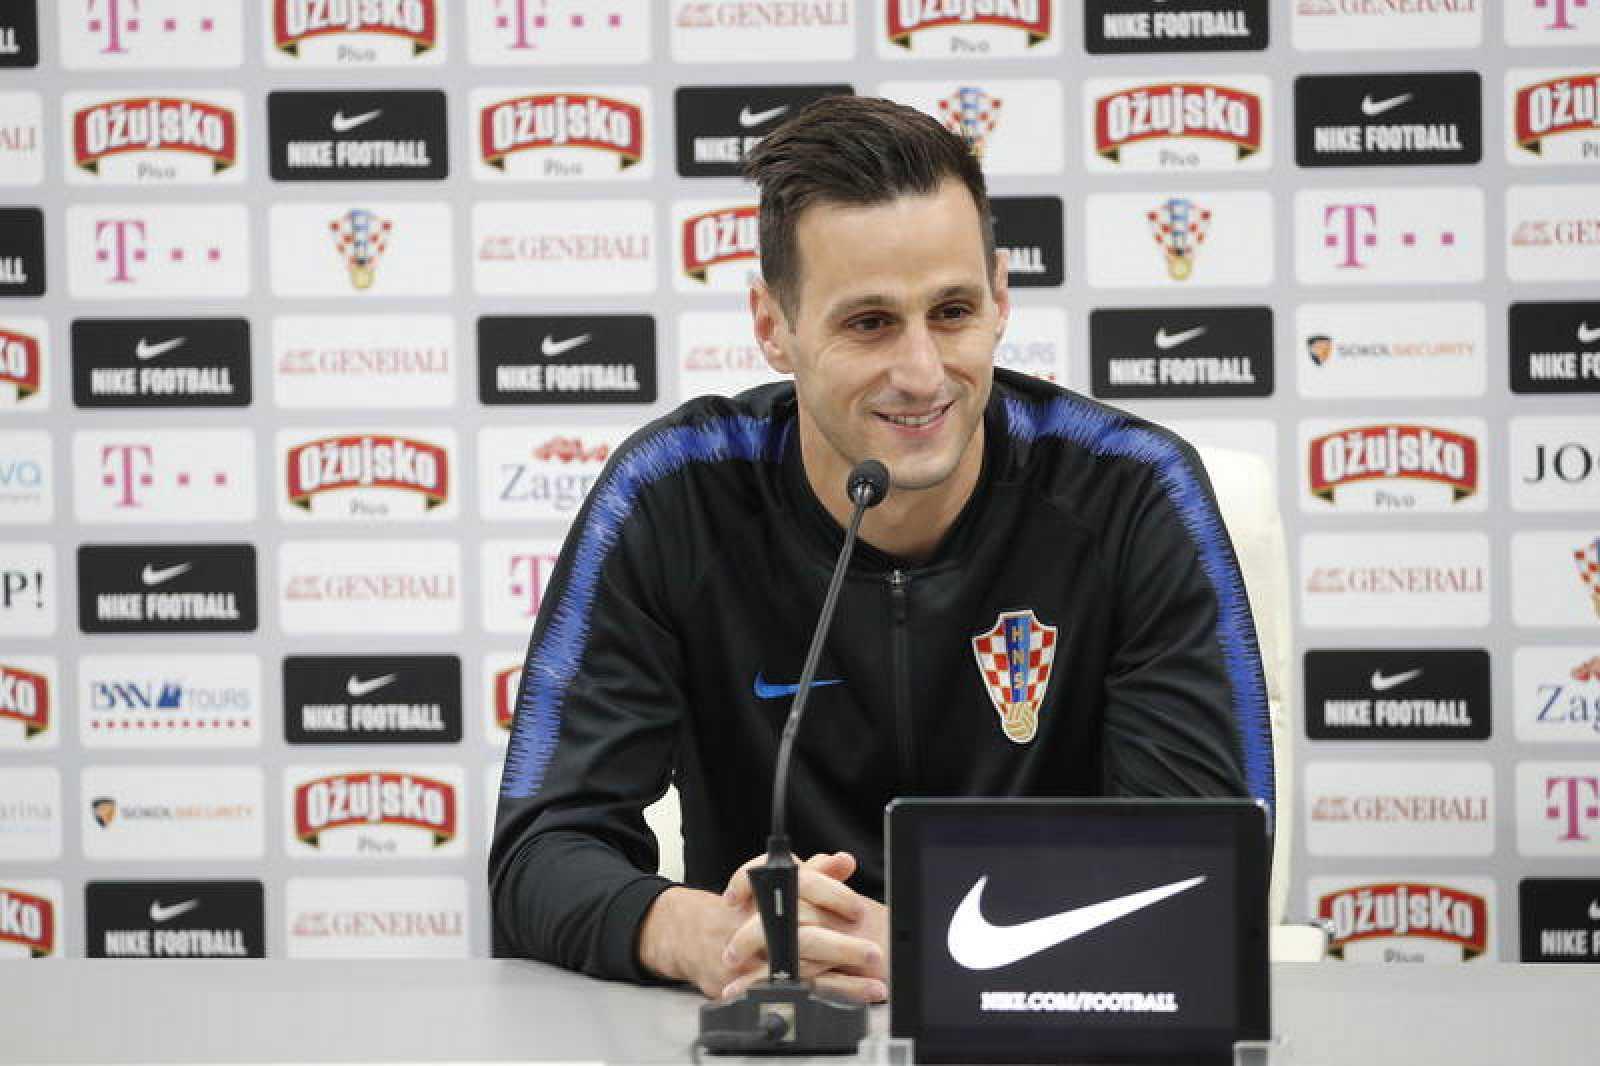 Nikola Kalinic durante una rueda de prensa en el pasado Mundial de Rusia.